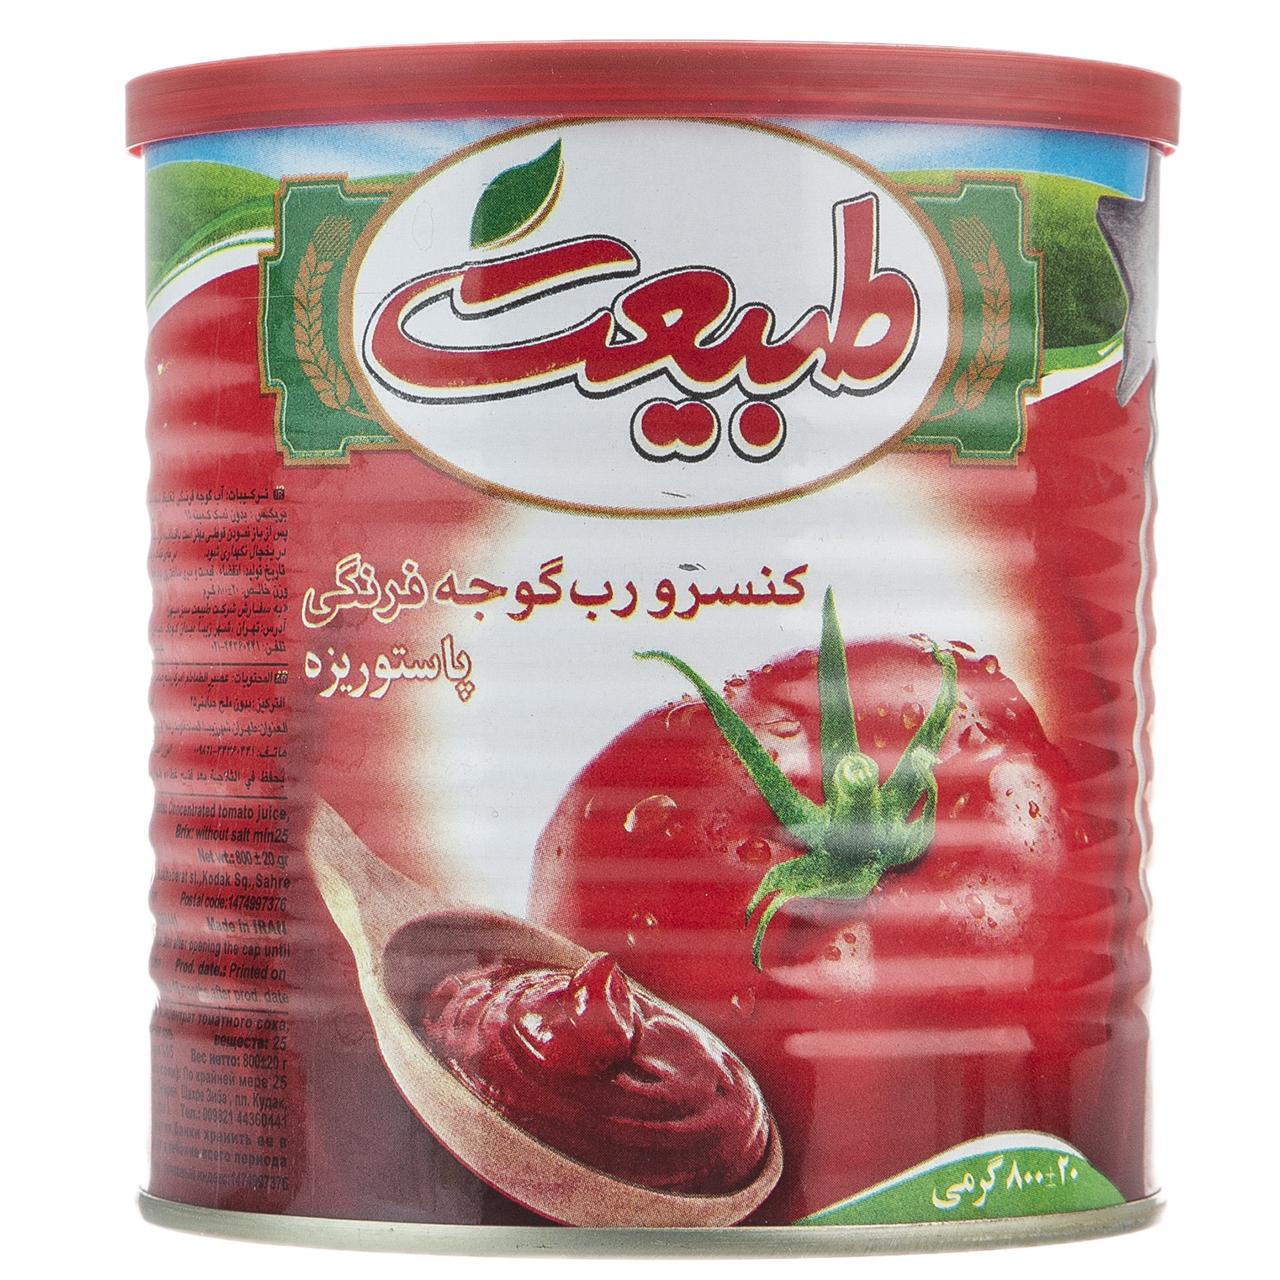 کنسرو رب گوجه فرنگی طبیعت مقدار 800 گرم